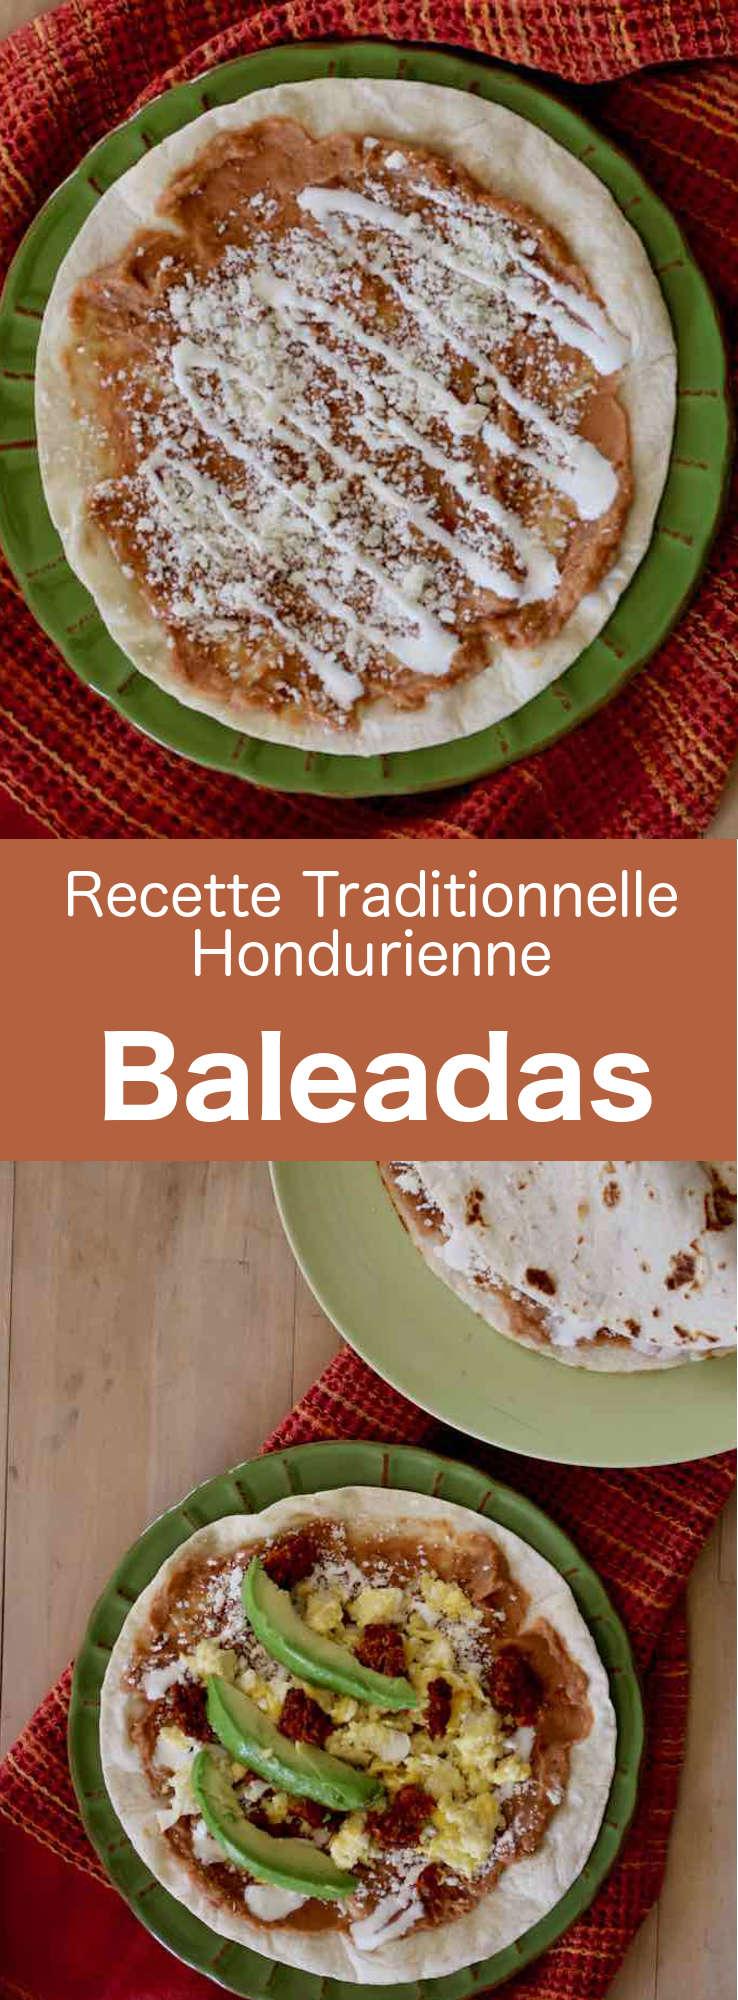 Les baleadas sont des tortillas épaisses du Honduras, pliées en deux et garnies de purée de haricots rouges frits et d'autres ingrédients. #Honduras #CuisineDuMonde #196flavors